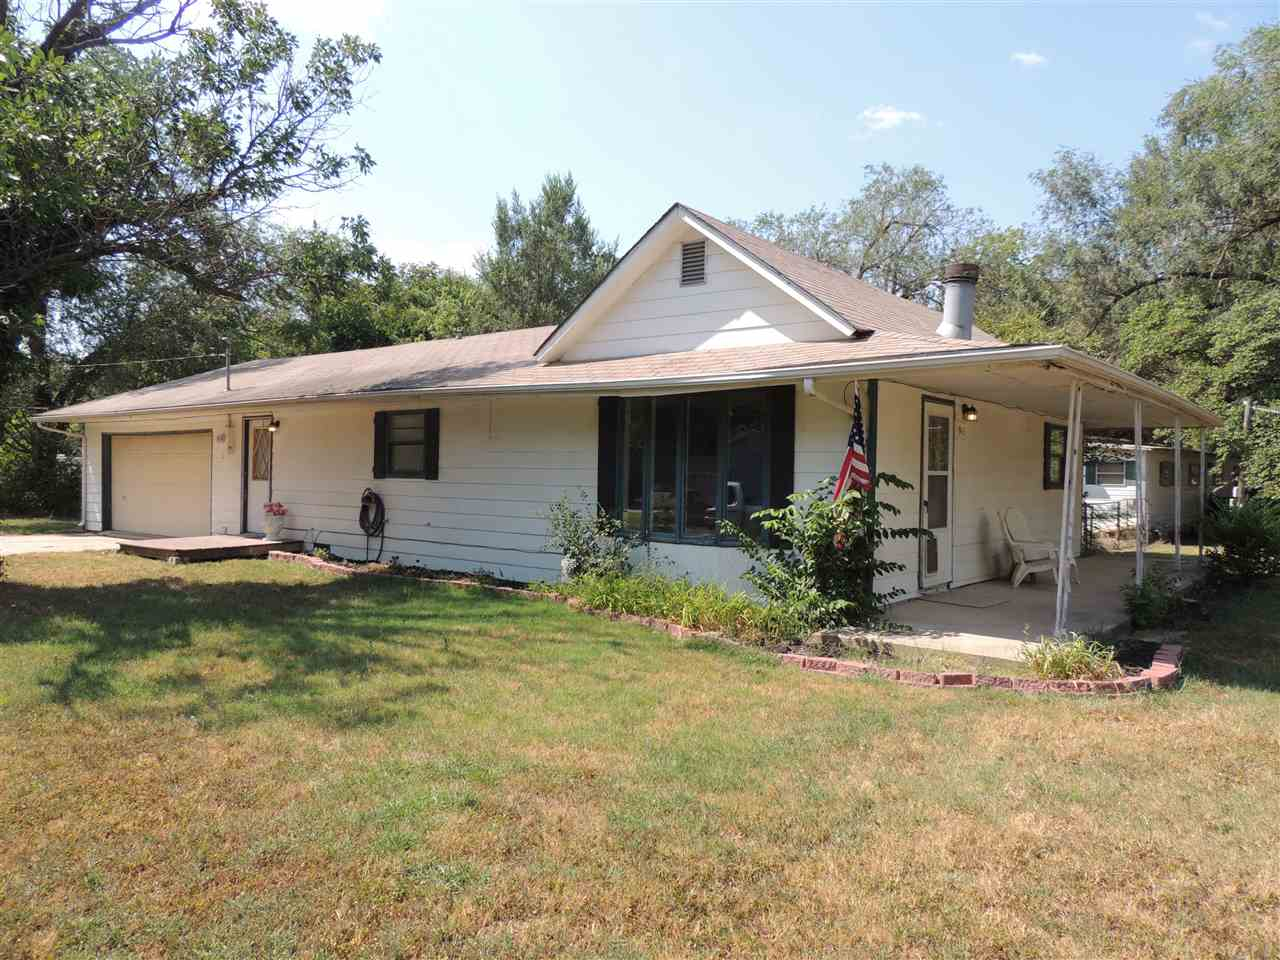 903 N SUMNER ST, Belle Plaine, KS 67013